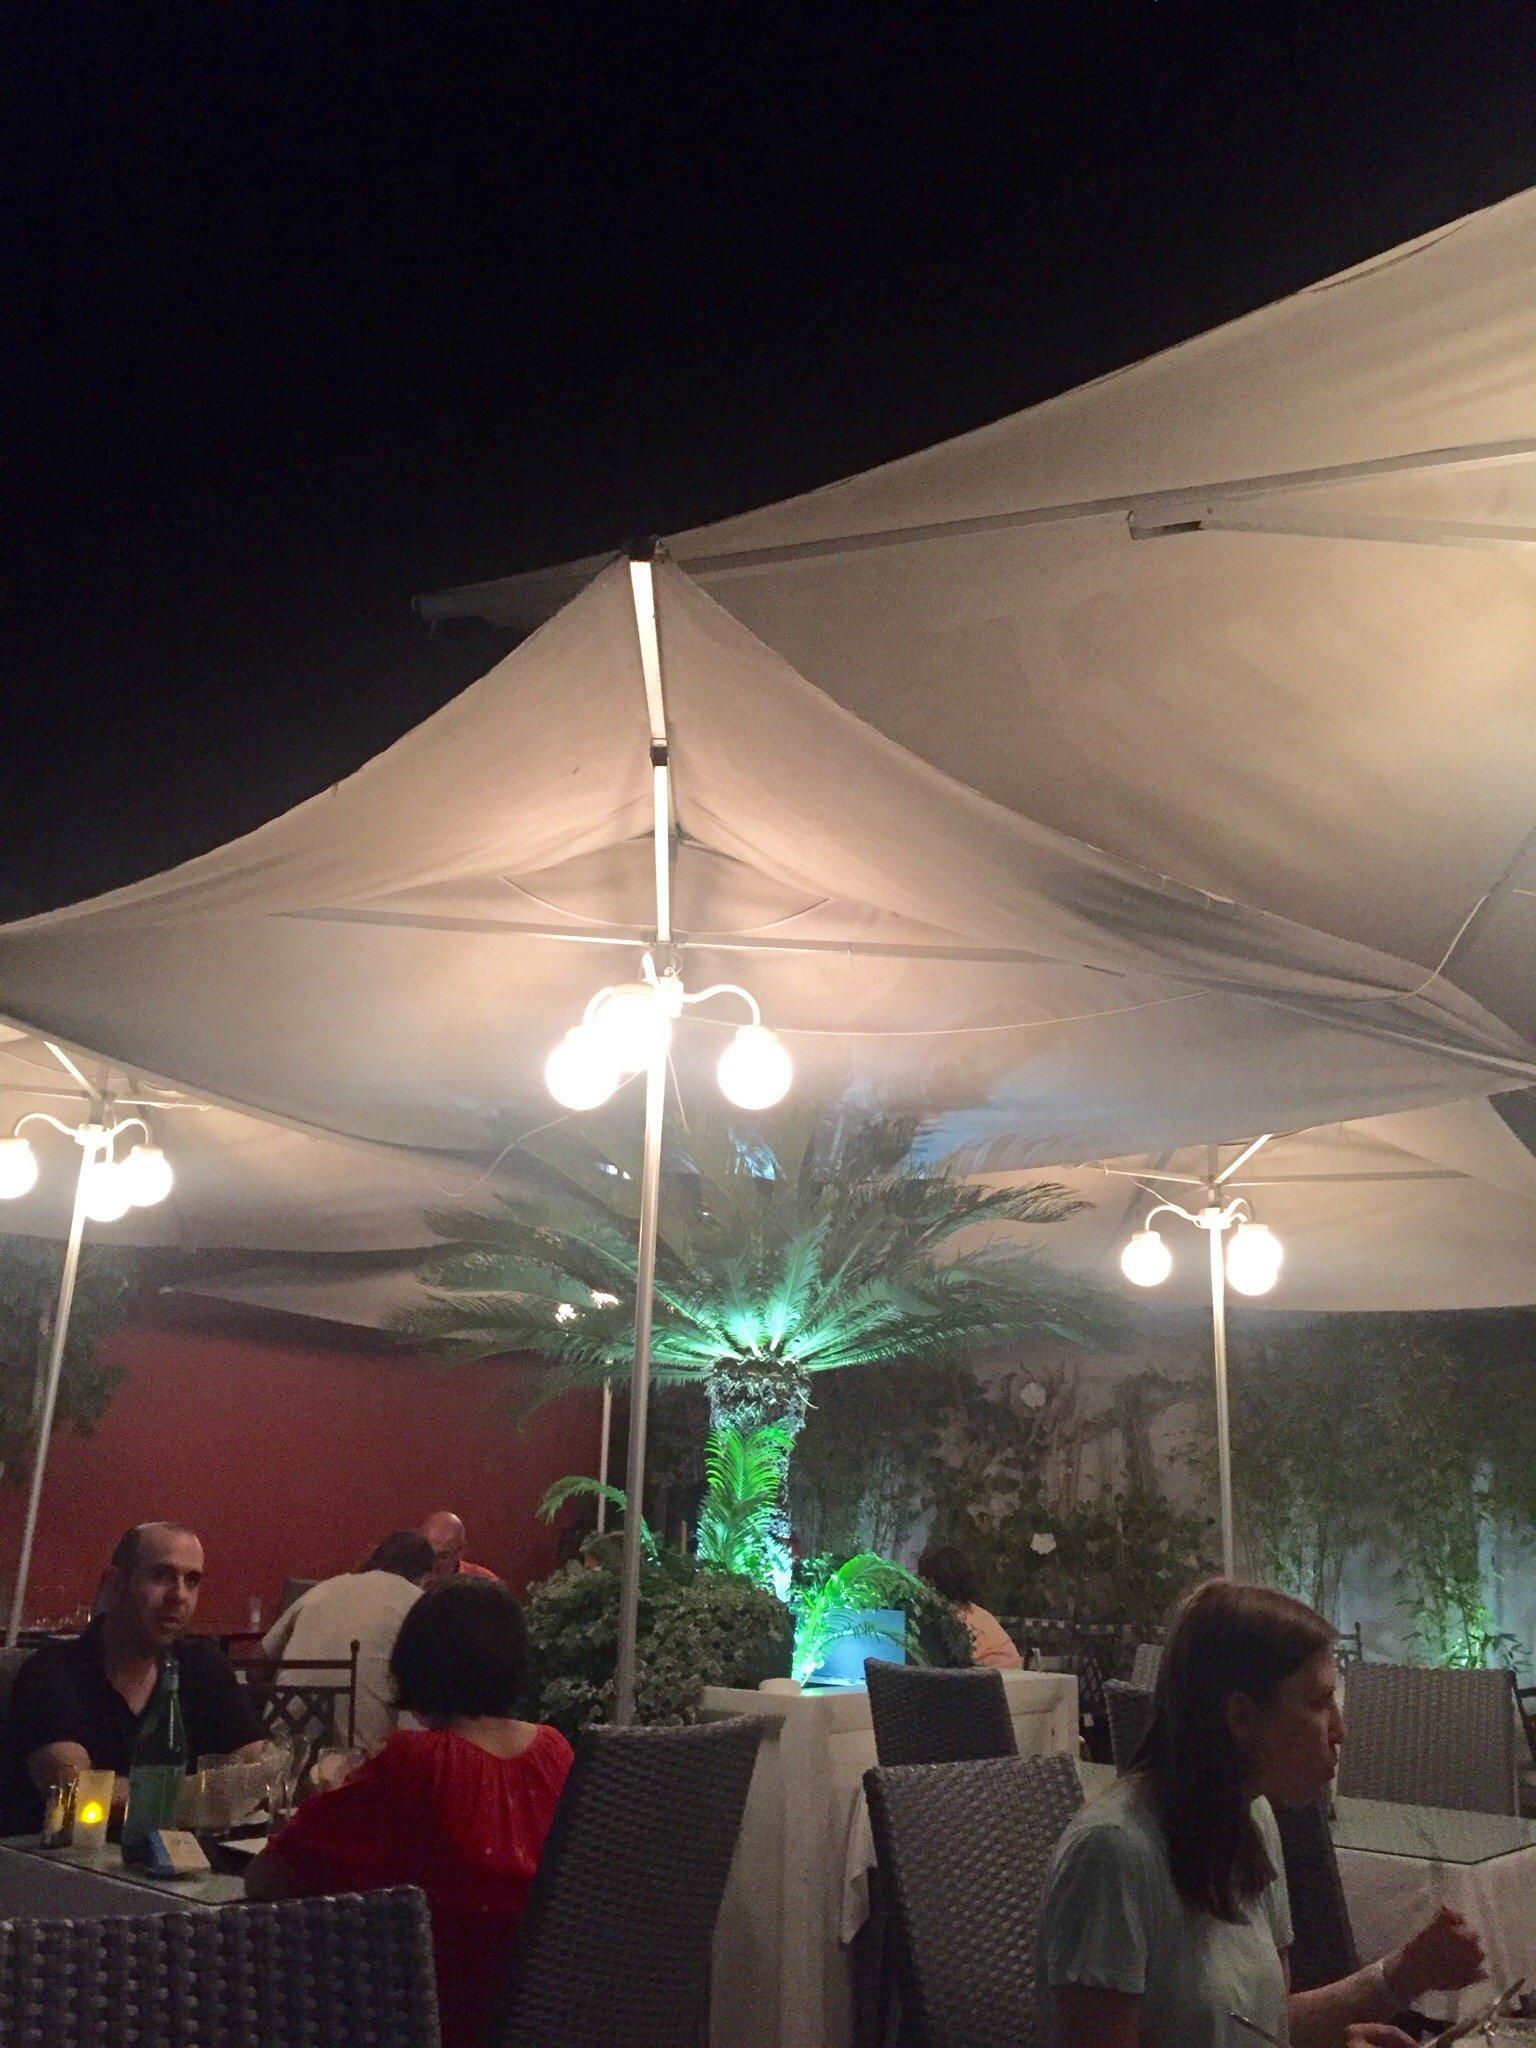 Le jardin du cap antibes restaurant reviews phone for Antibes restaurant le jardin